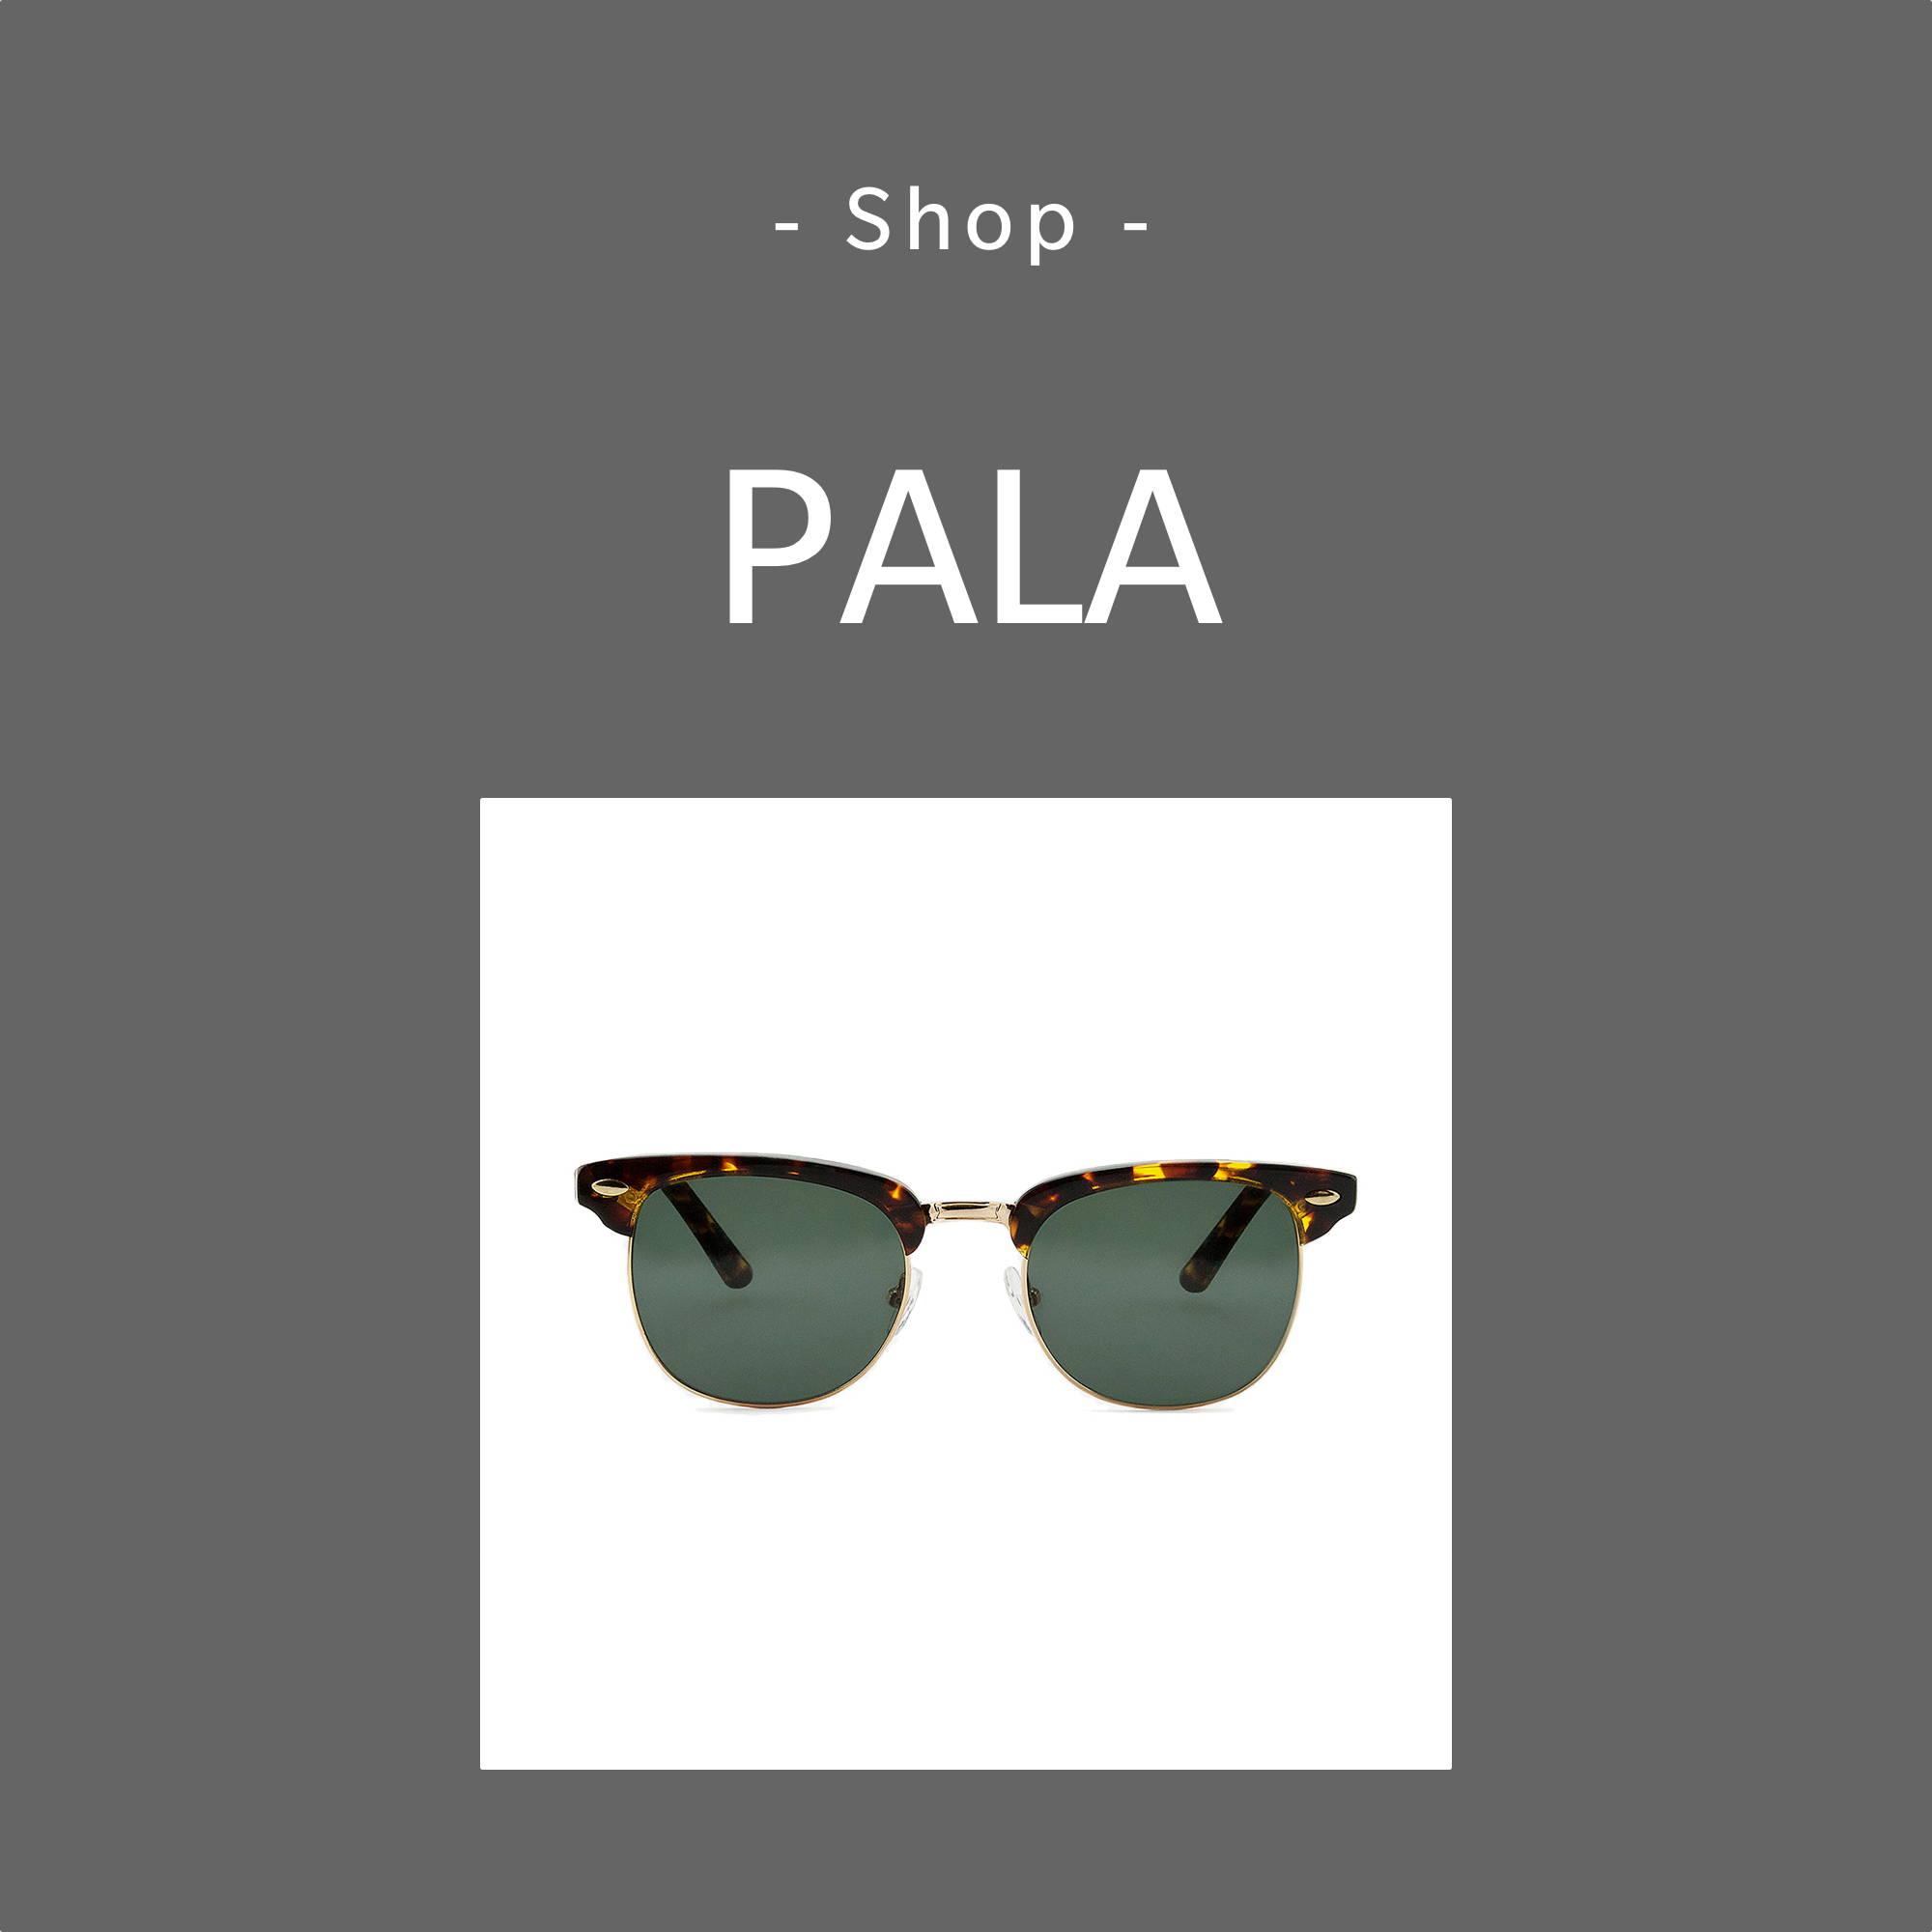 Pala Brand Page